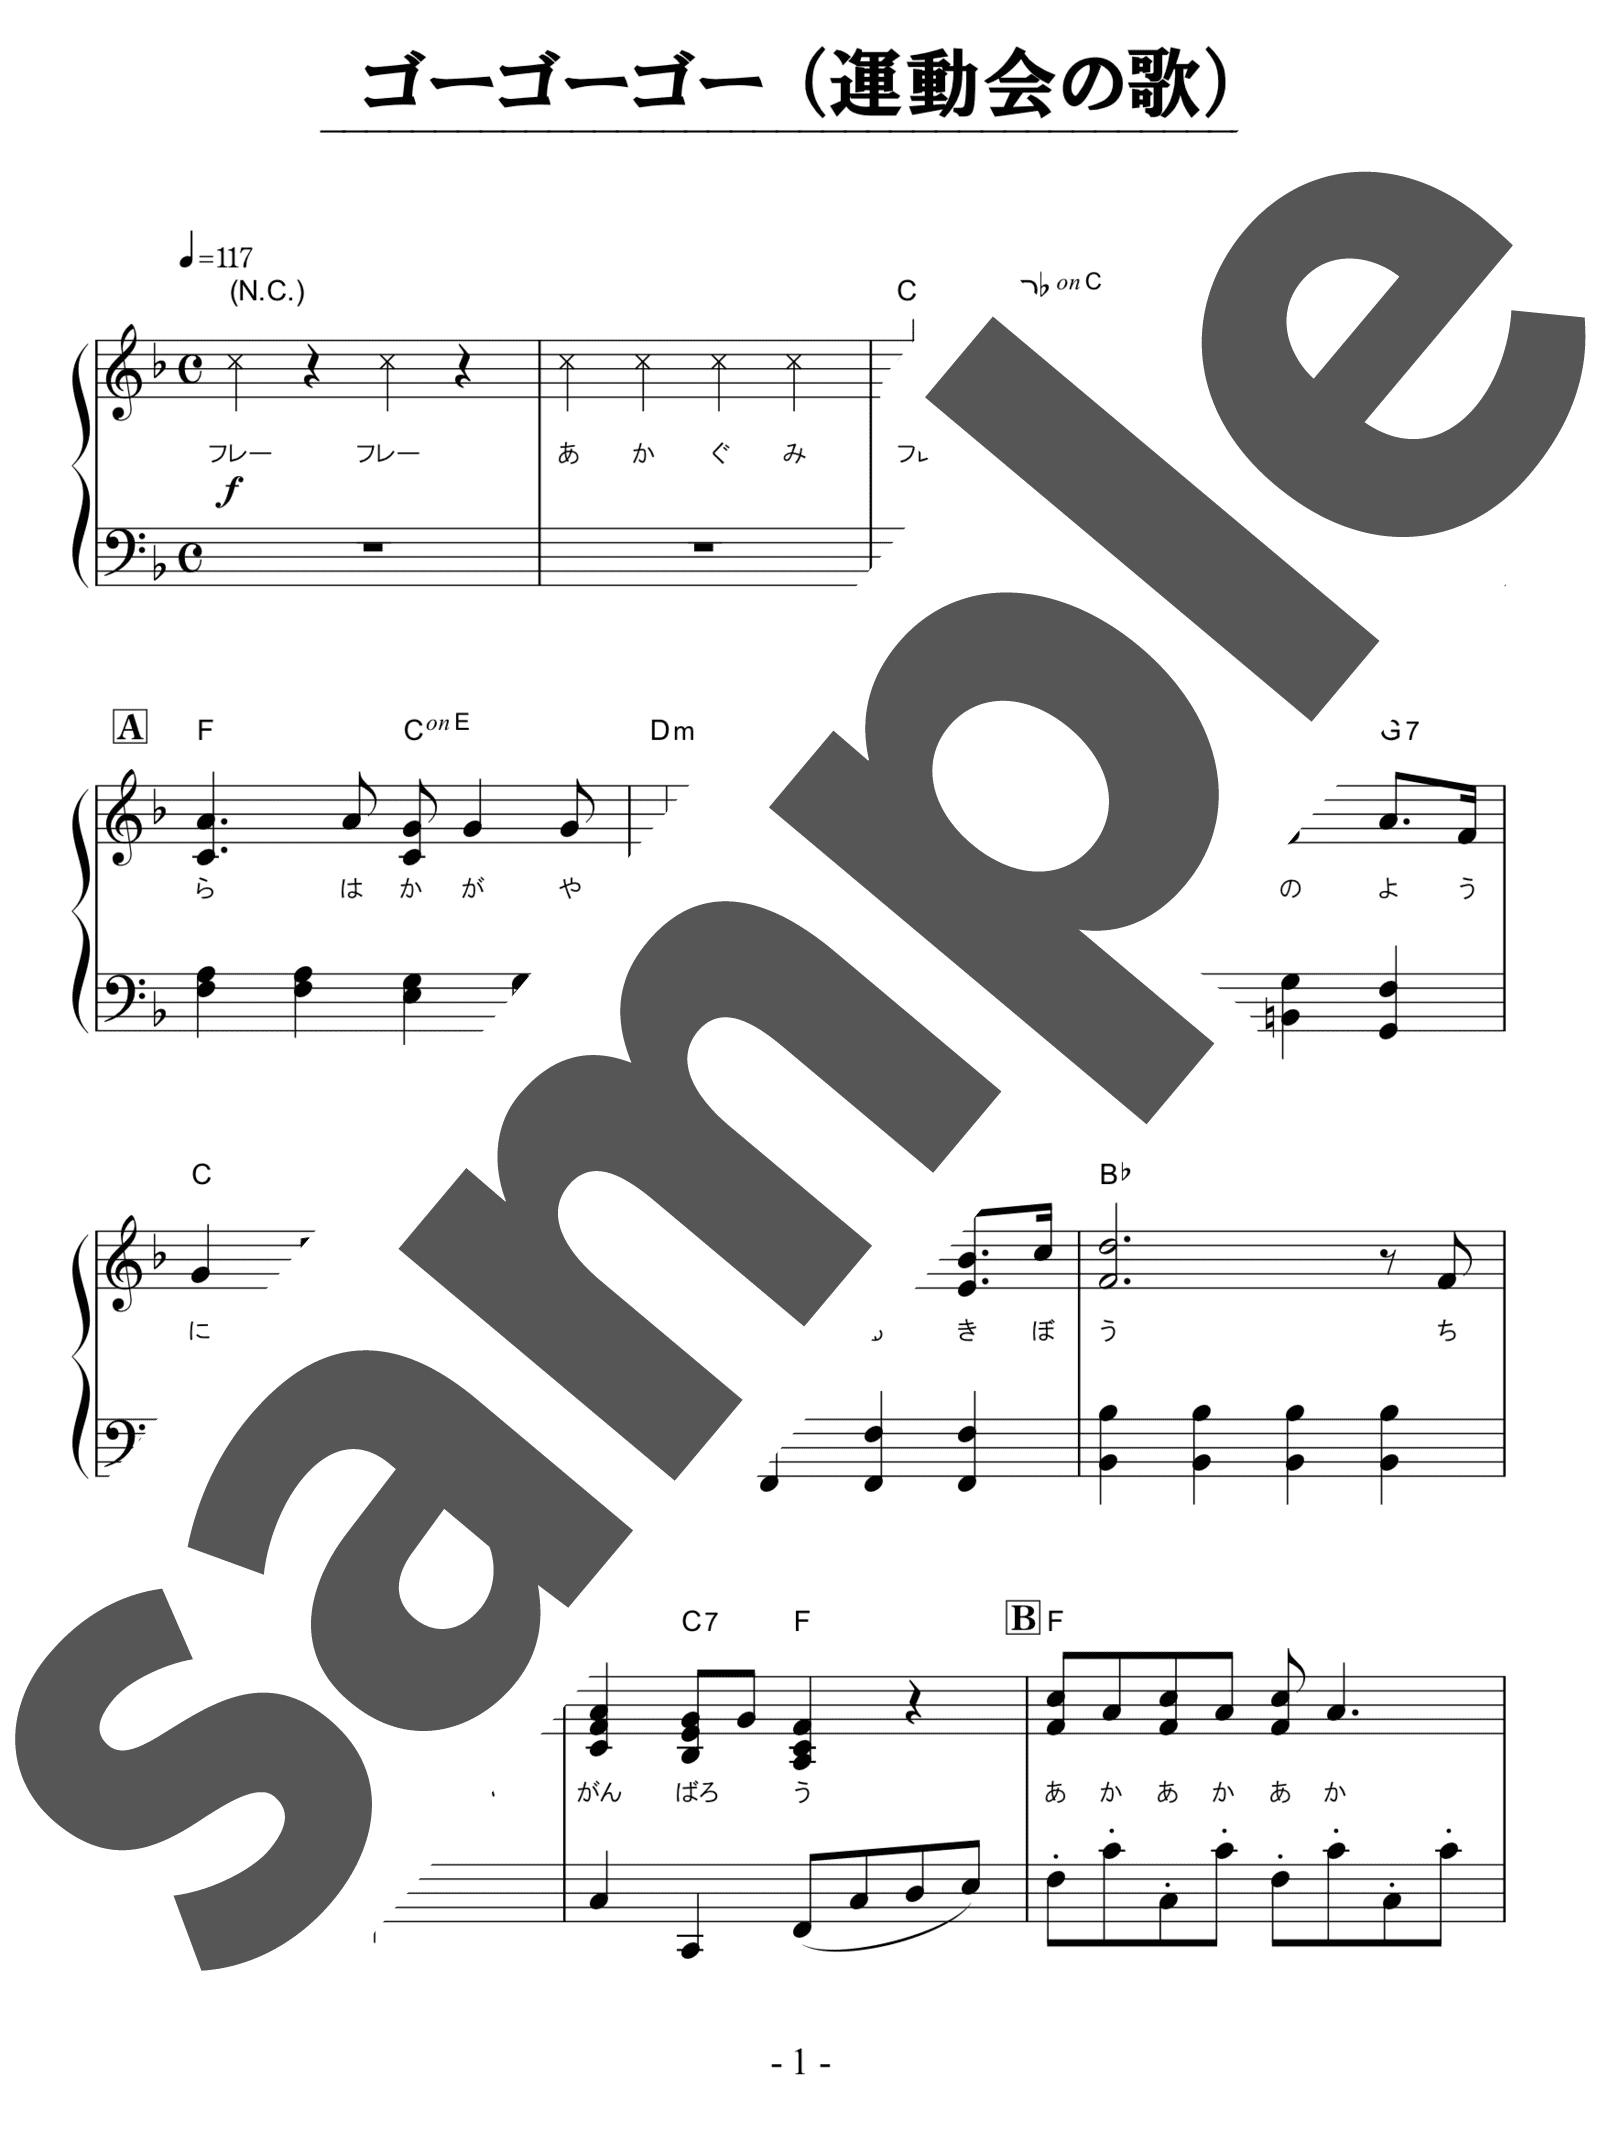 「ゴーゴーゴー 運動会の歌」のサンプル楽譜